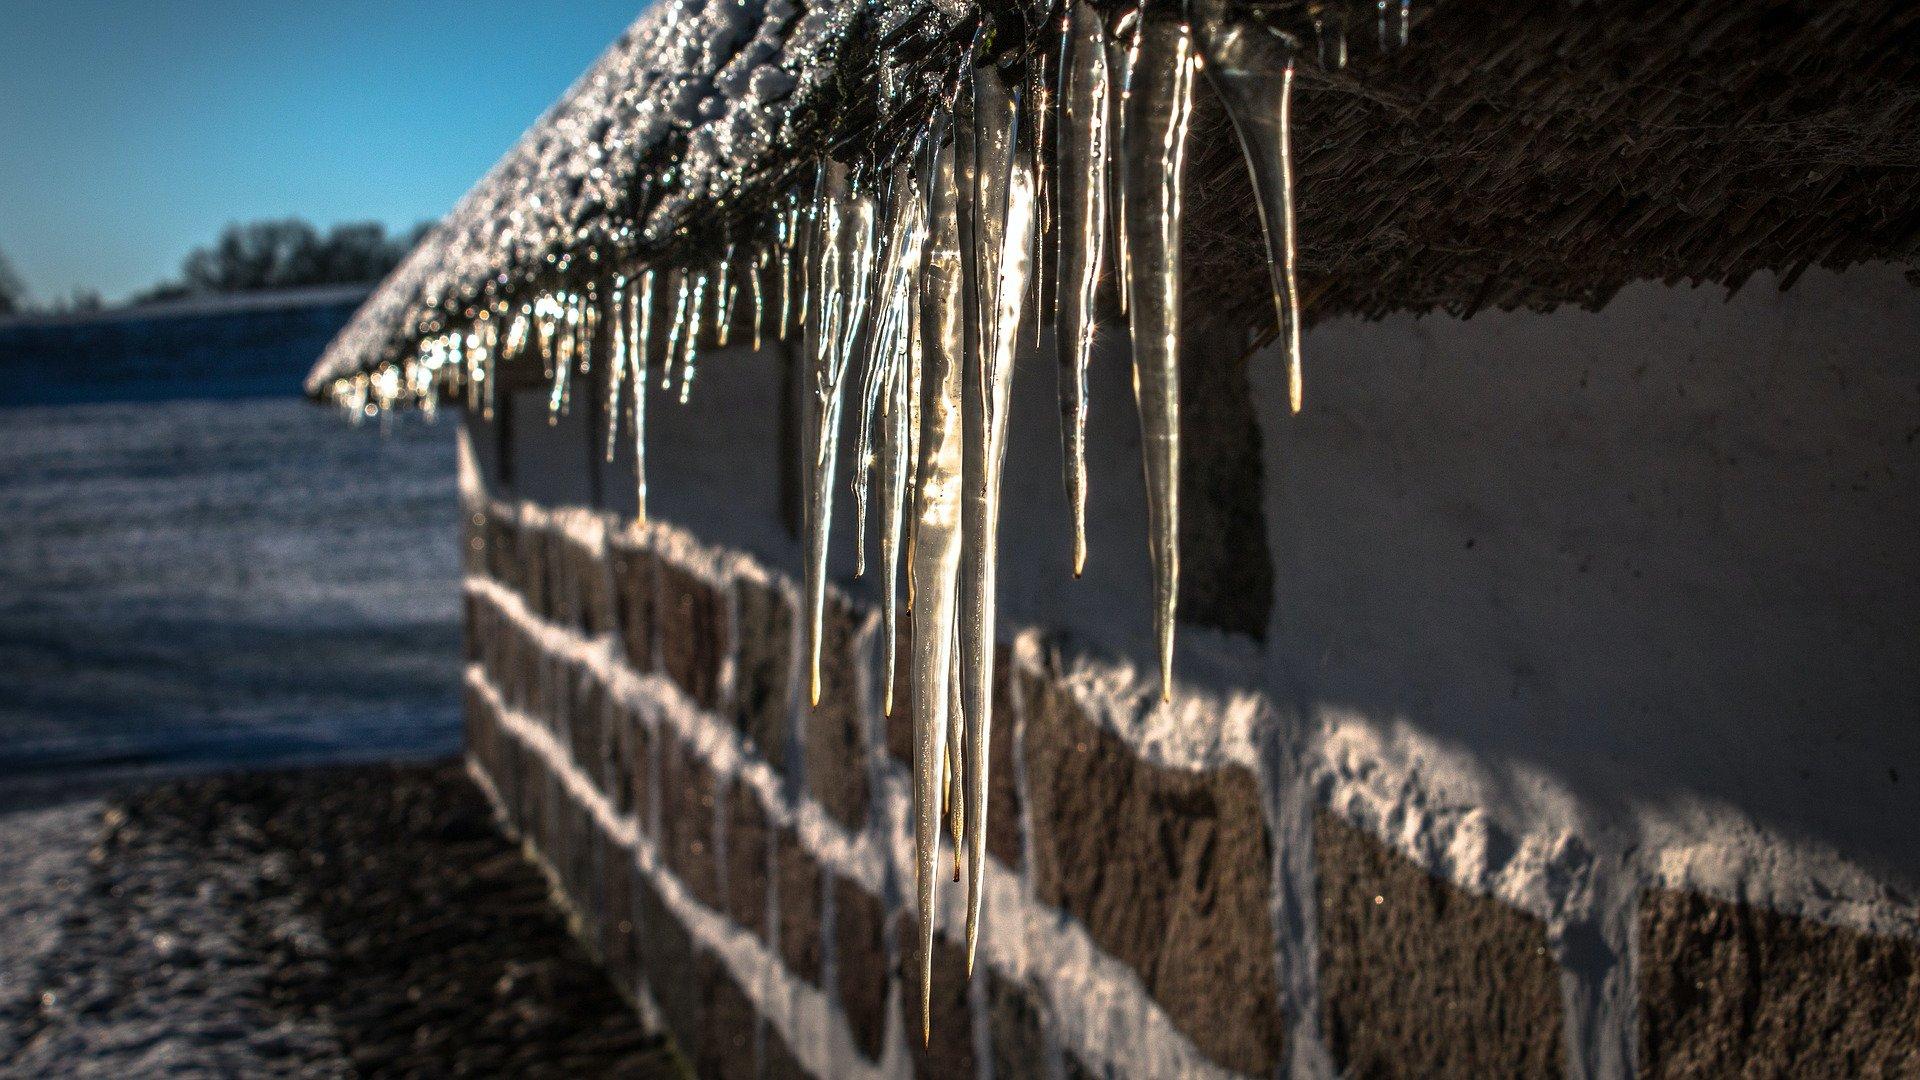 Jégcsapok egy házon